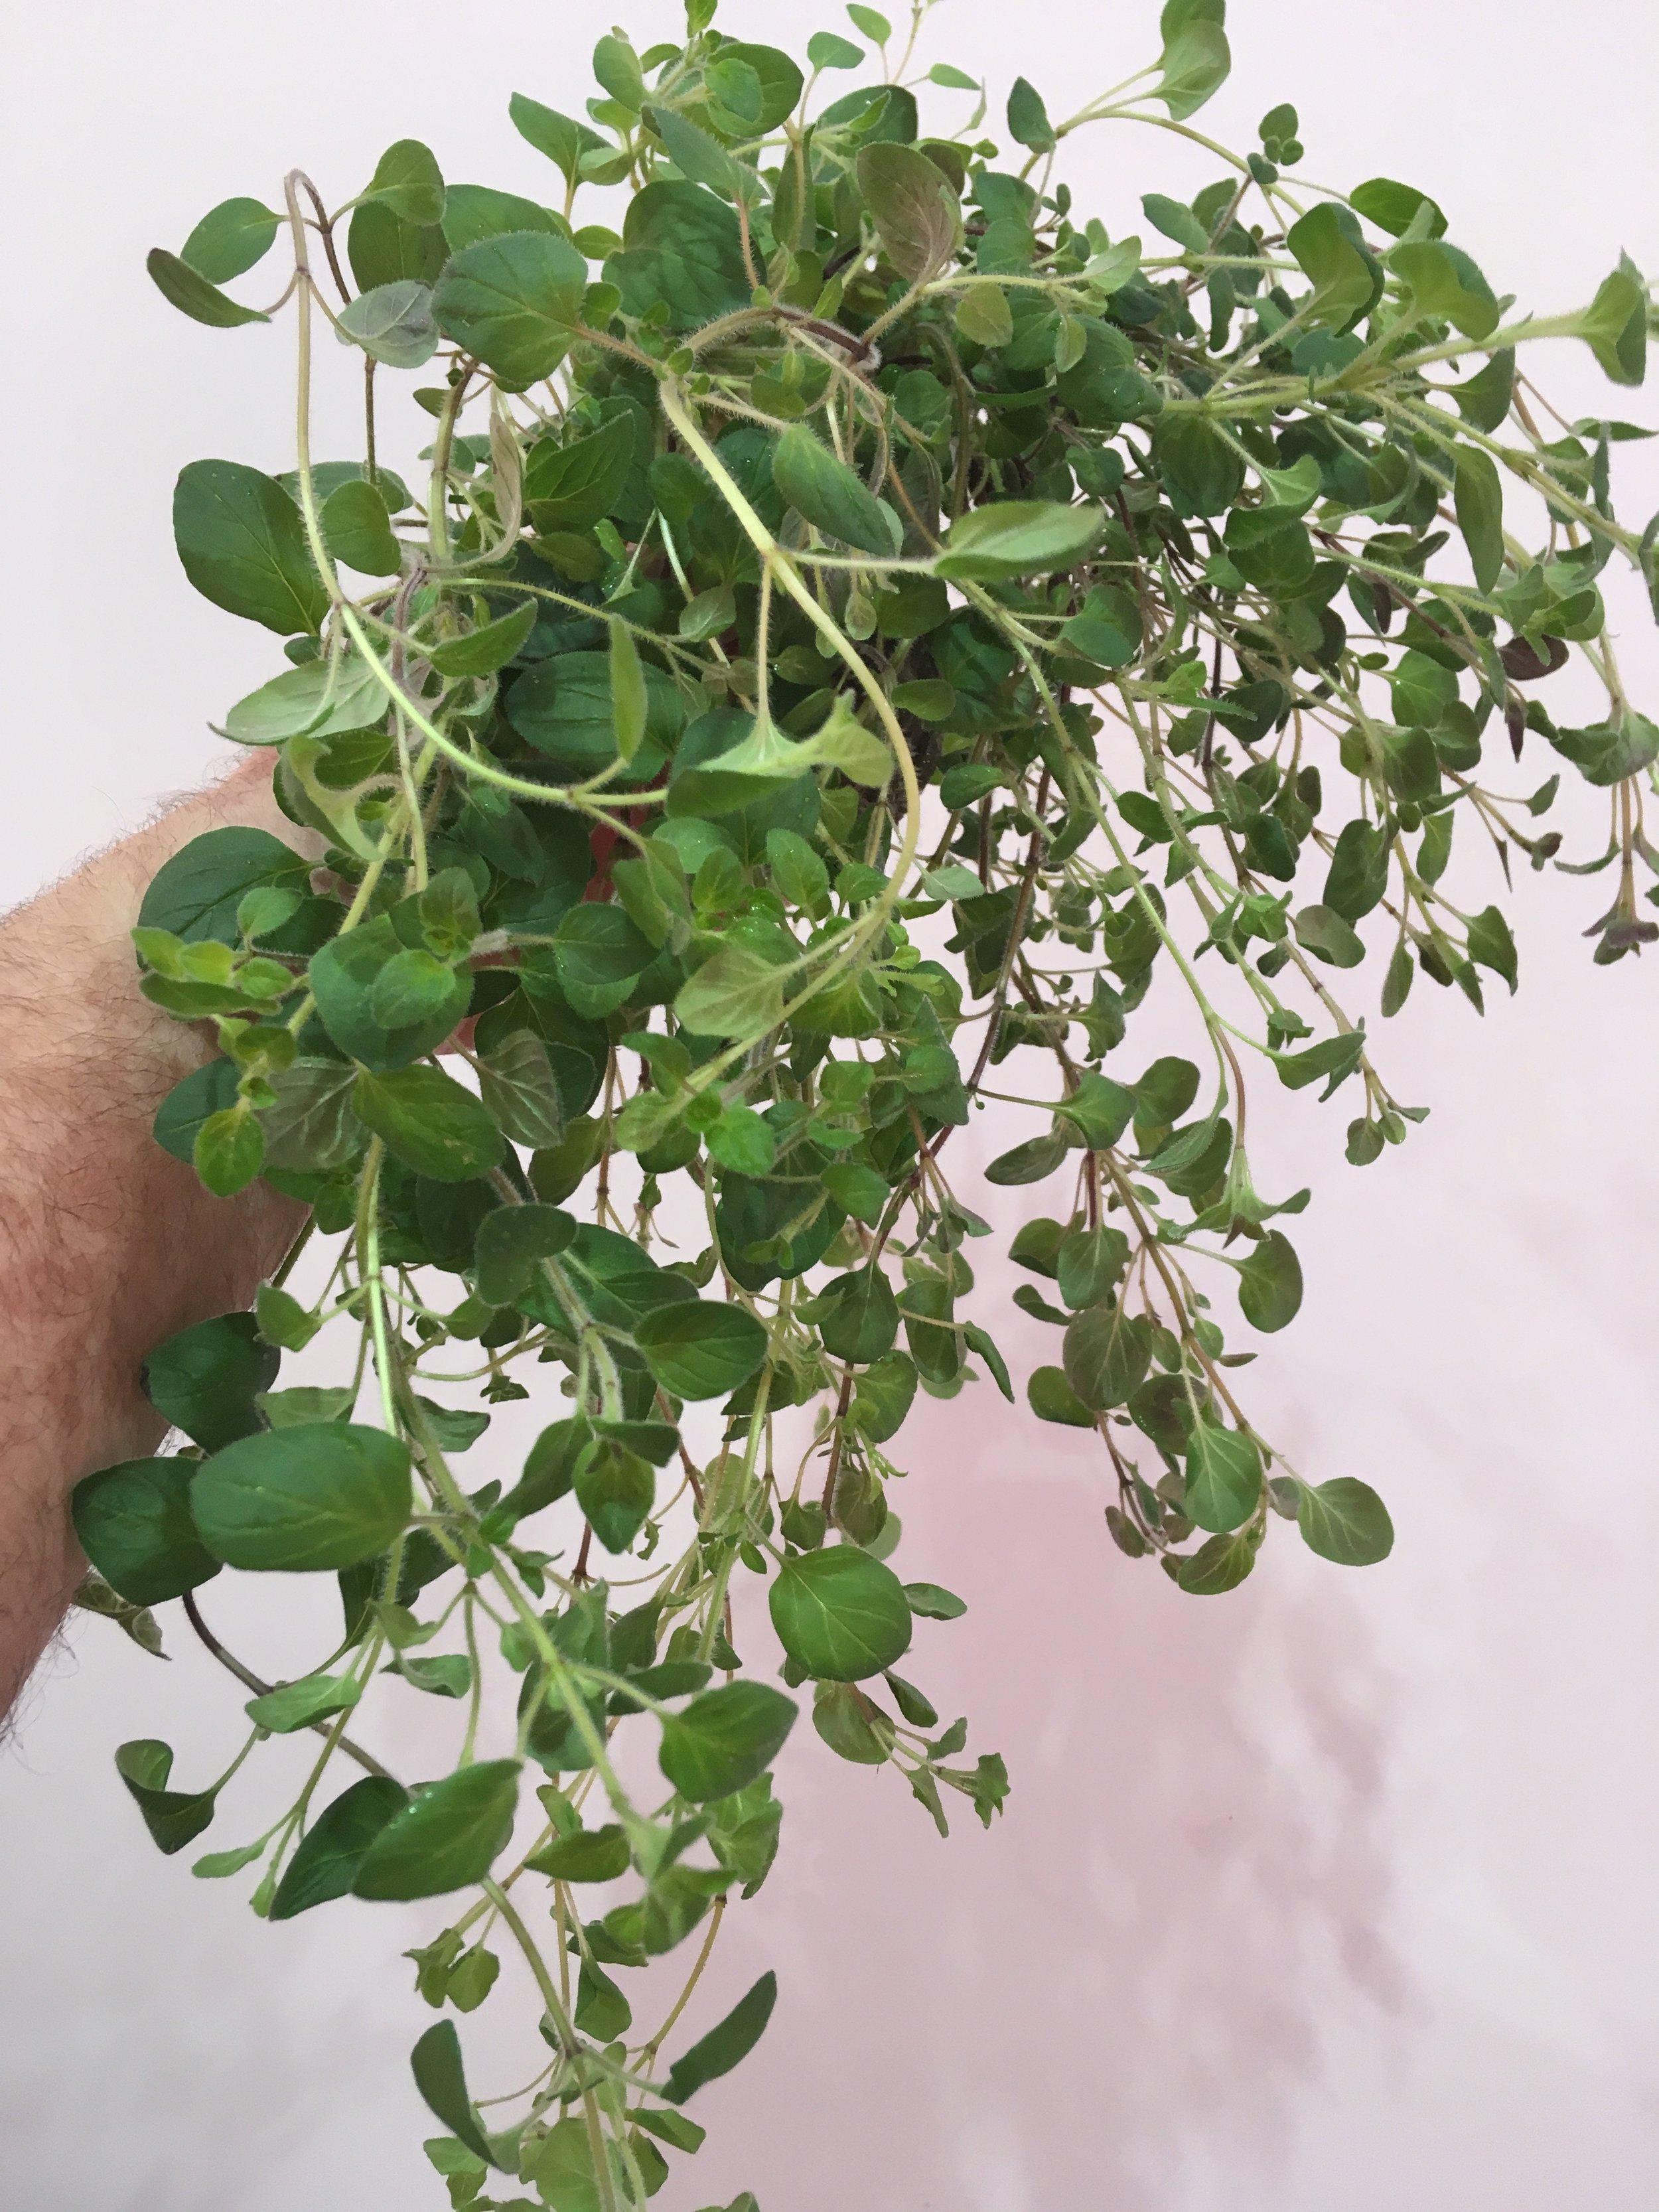 Oregano grown in the LF-ONE